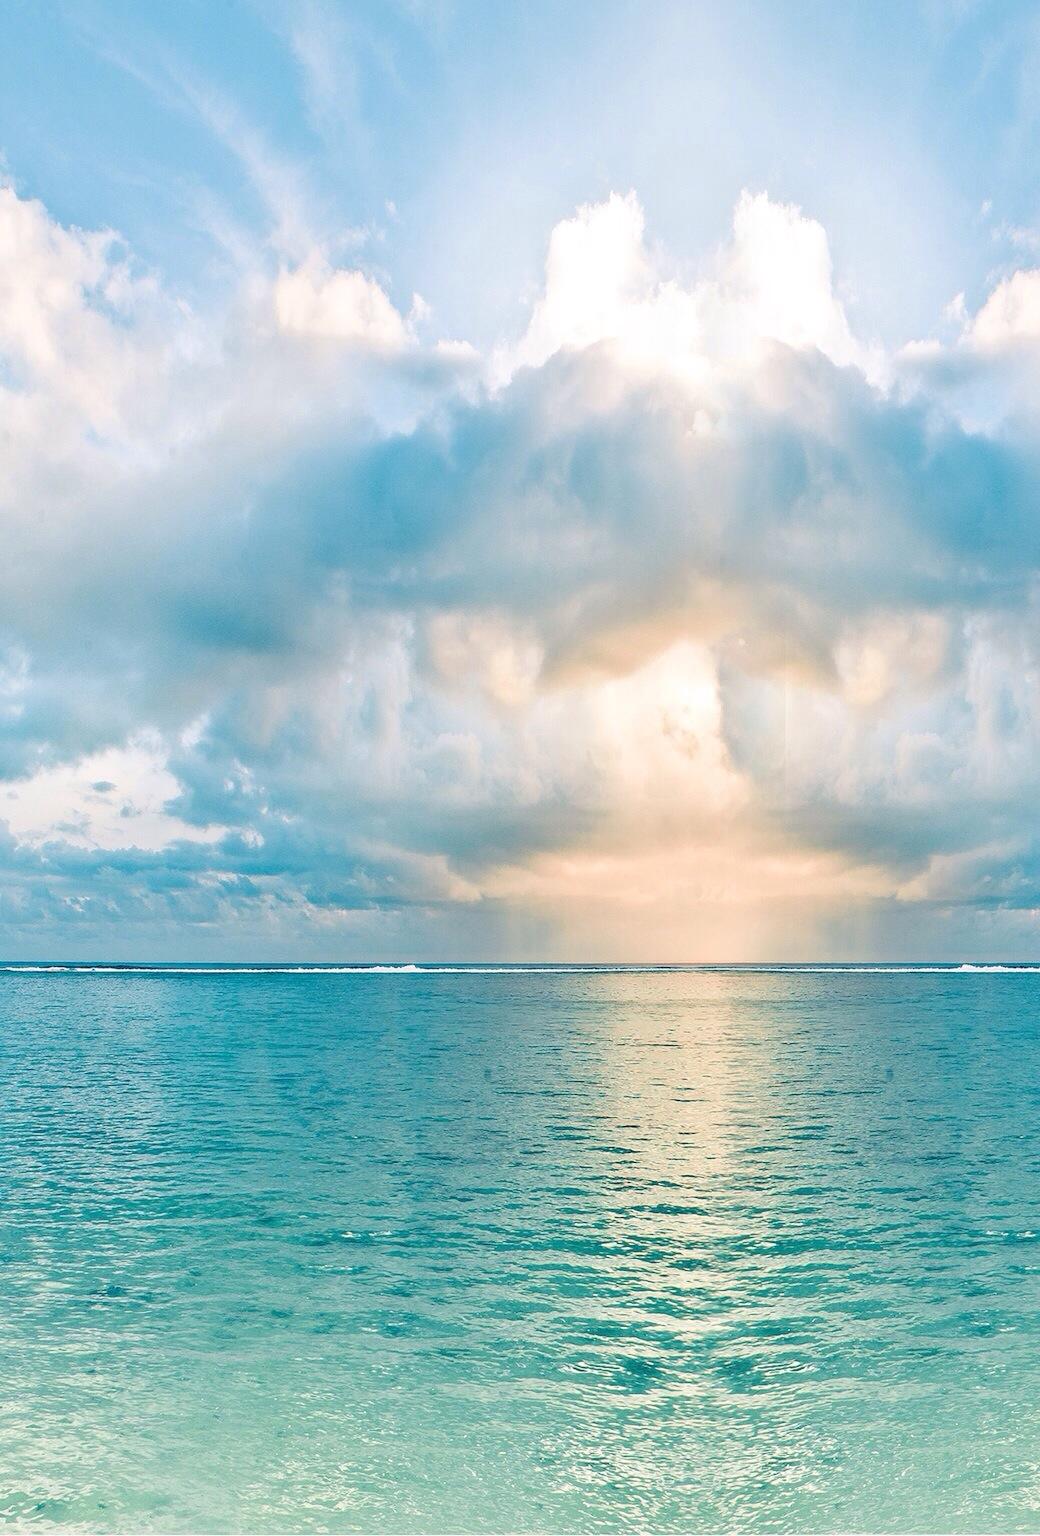 Fantastic Wallpaper Home Screen Ocean - 20140311-230309  Image_44922.jpg